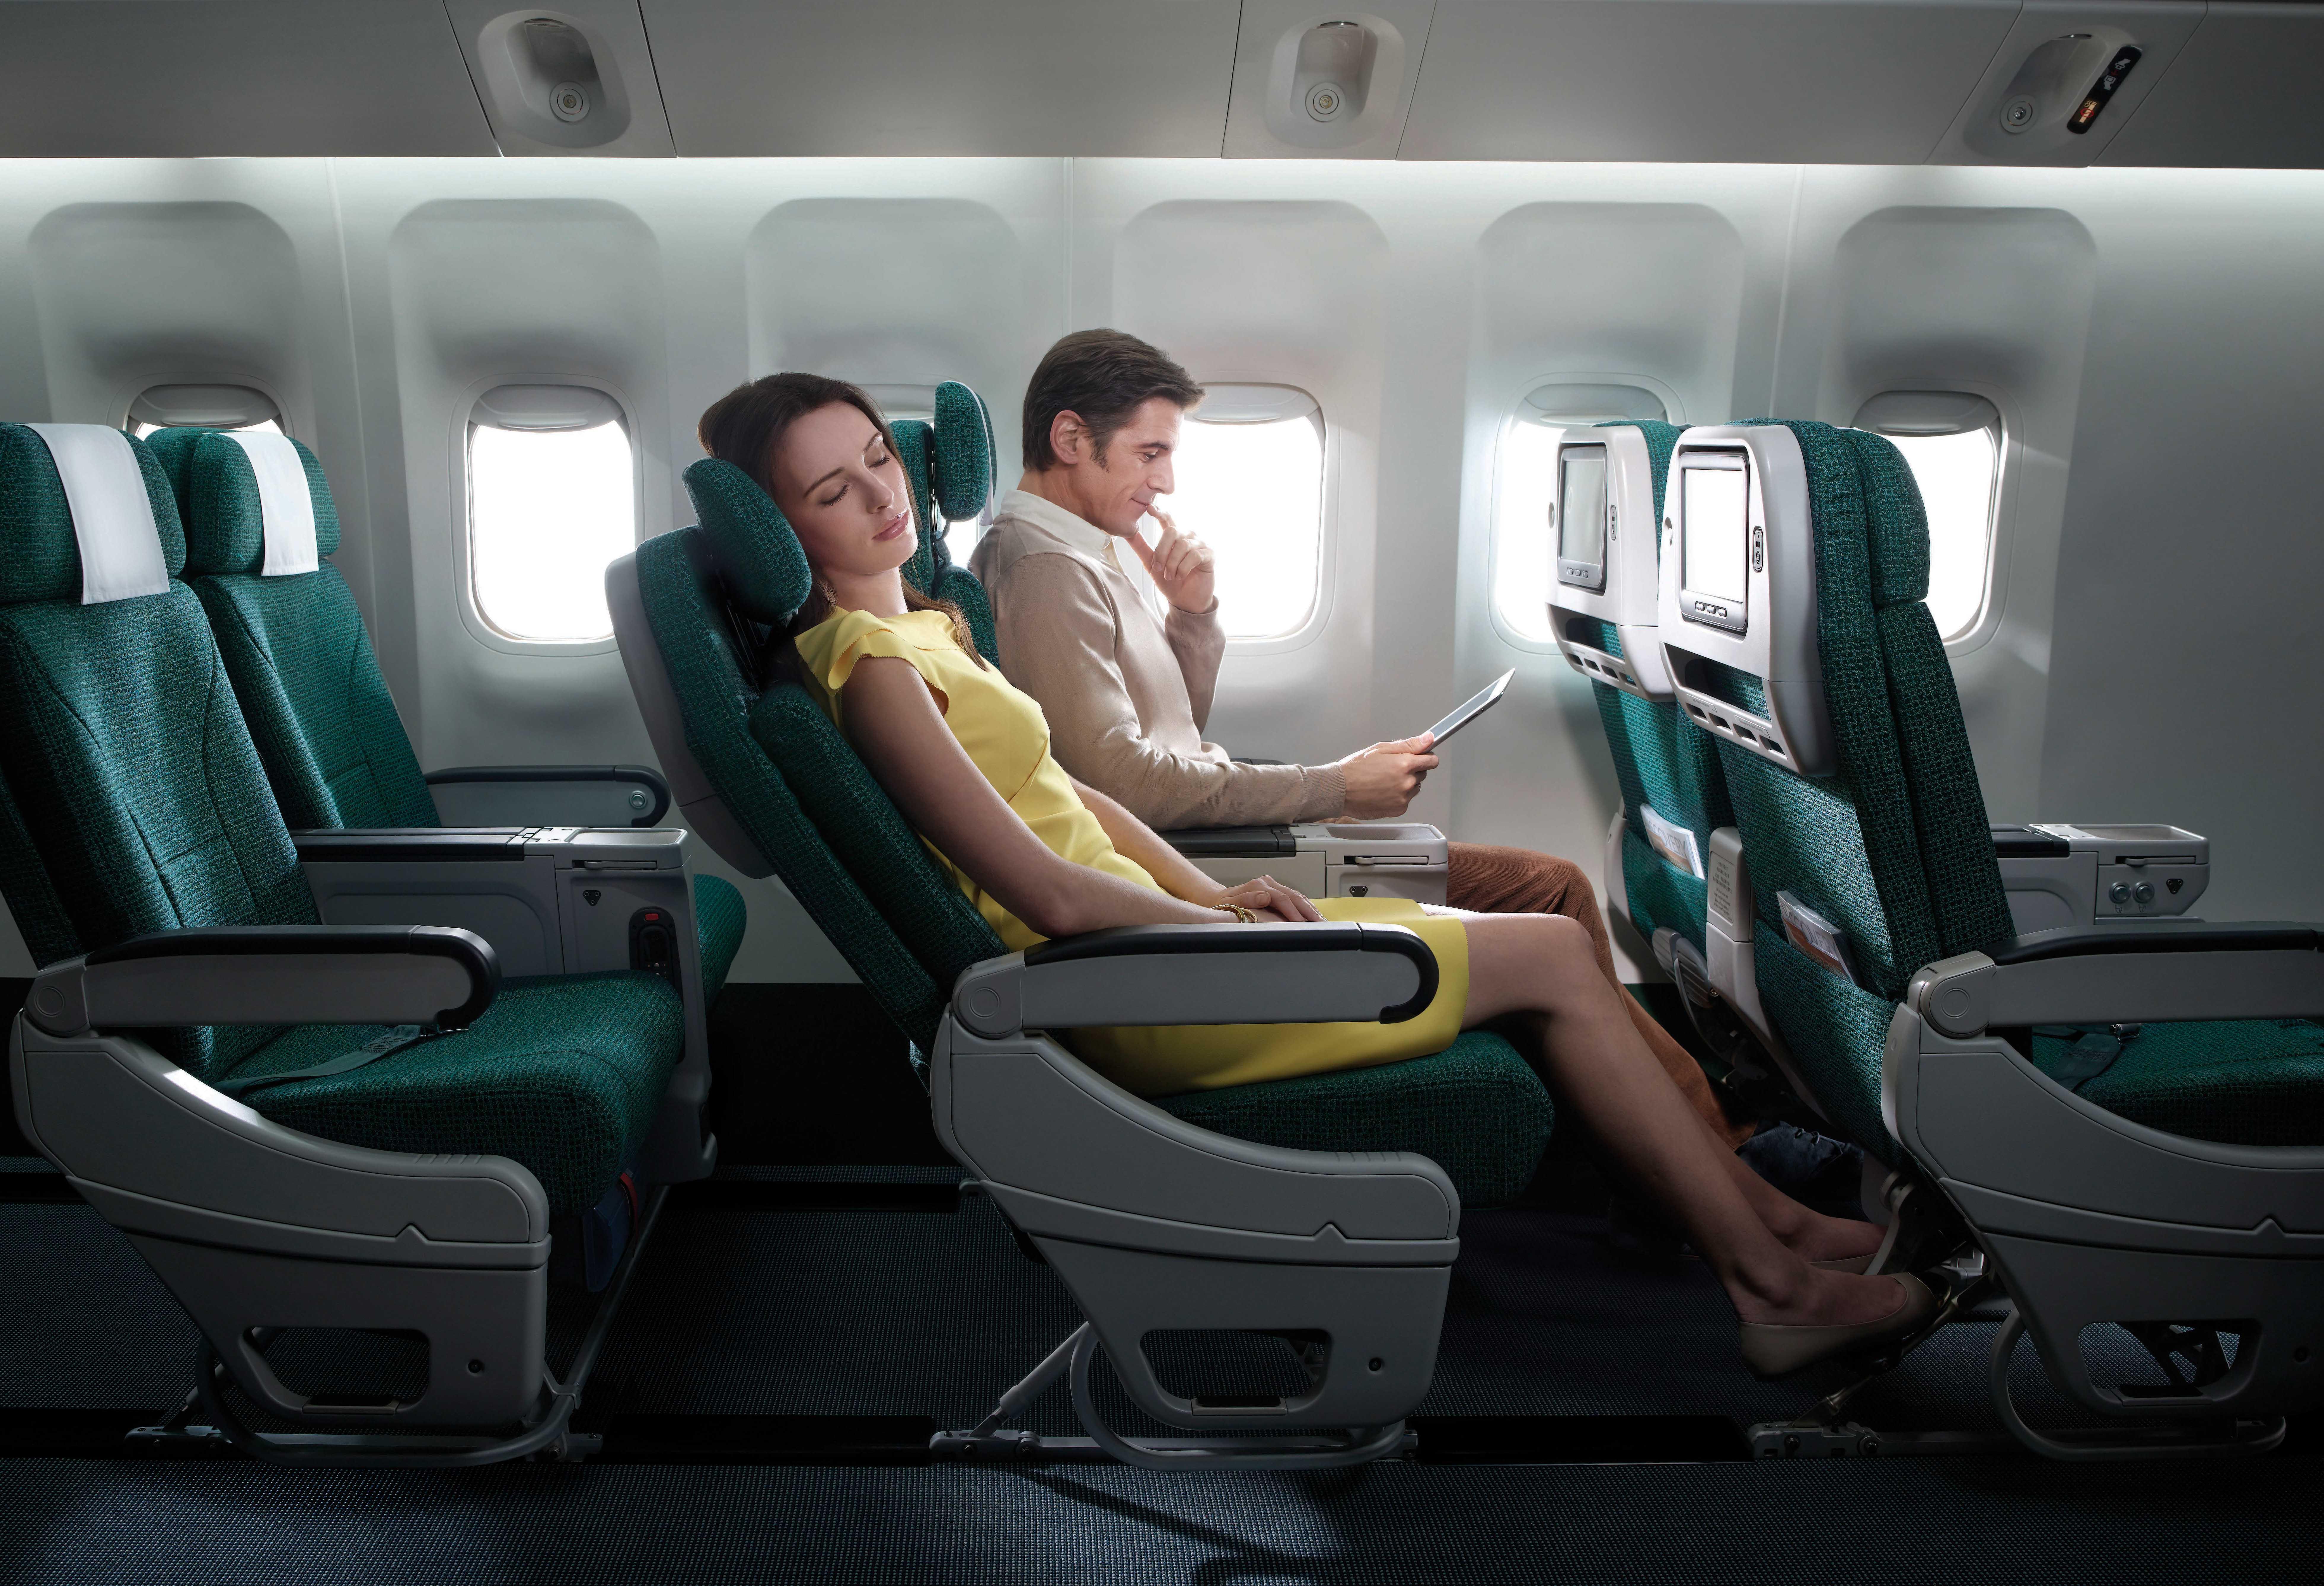 kinh nghiệm đi máy bay lần đầu